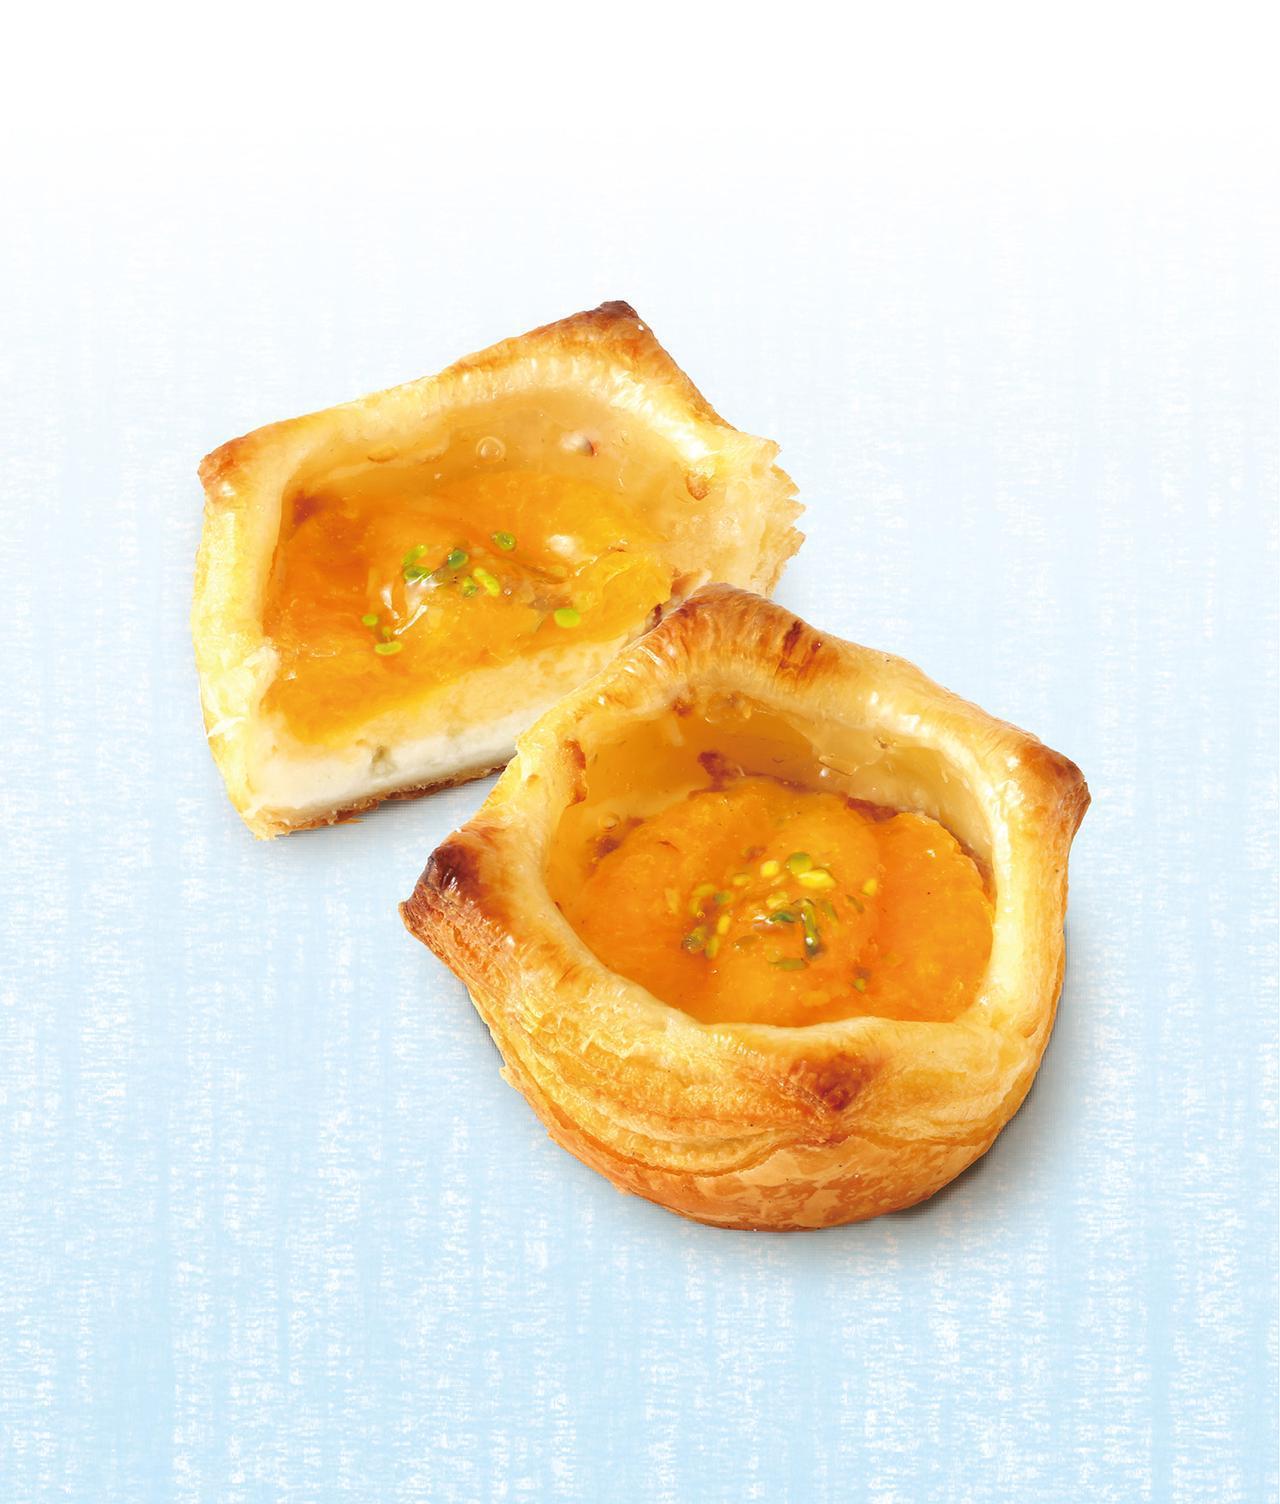 画像: グレープフルーツデニッシュ 本体価格¥280(税込価格¥303) デニッシュ生地に包まれたチーズクリームのコクのある風味で、グレープフルーツのみずみずしい味わいを引き立てました。